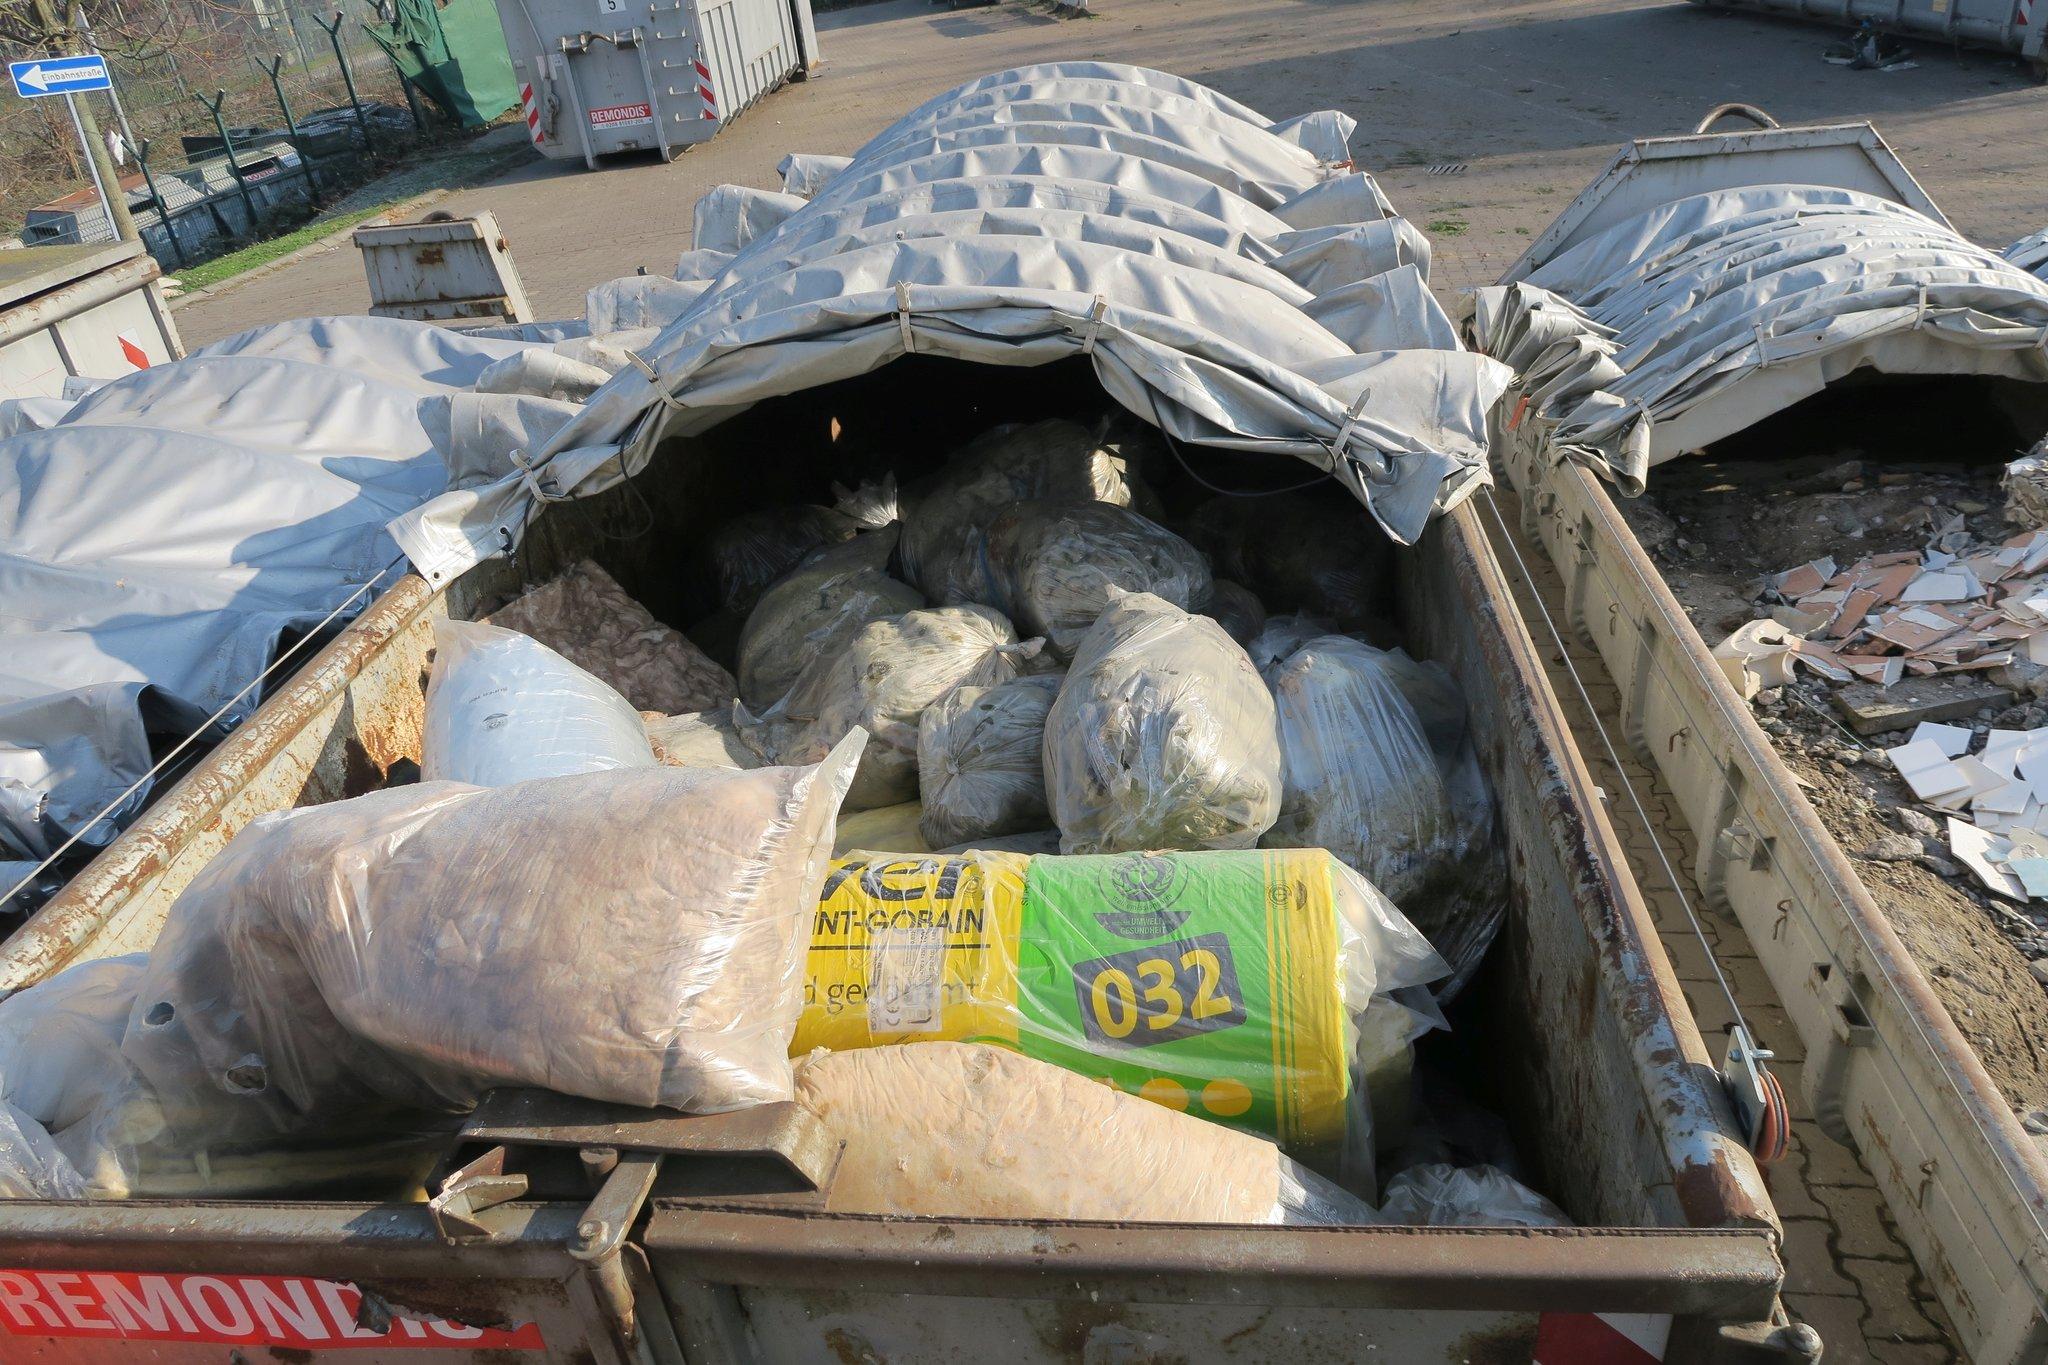 Fabelhaft Asbest – die oft unerkannte Gefahr – richtig entsorgen - Oberhausen &ZB_95